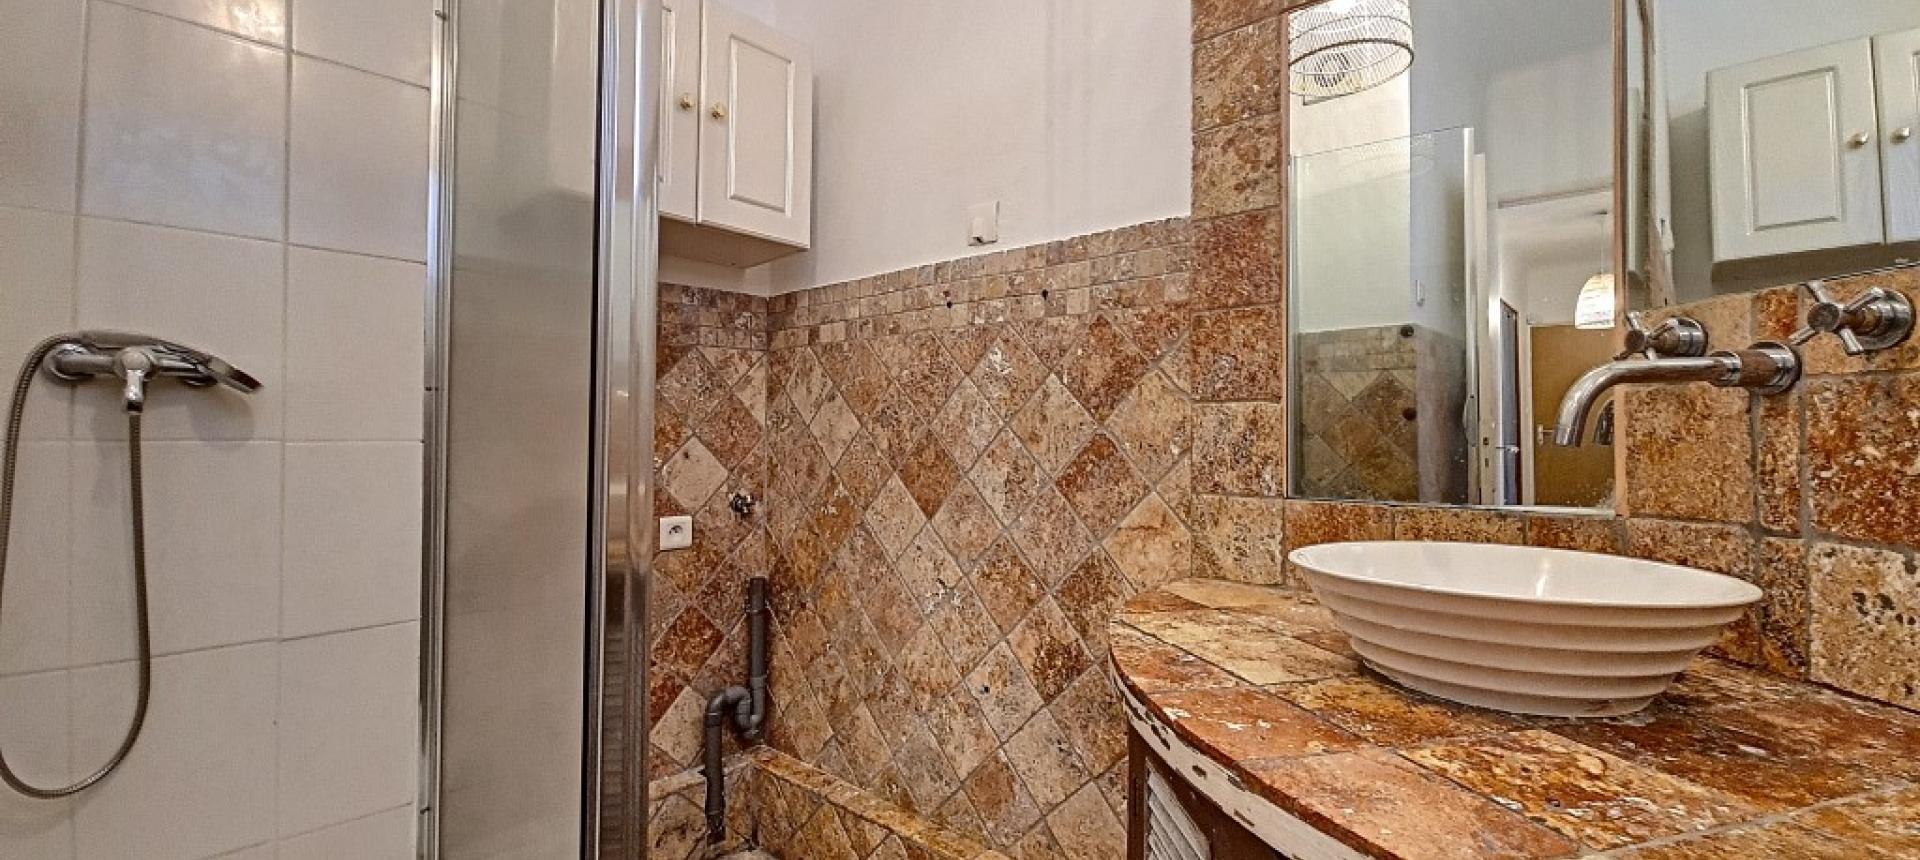 F3 à louer rue  Marbeuf salle de douche